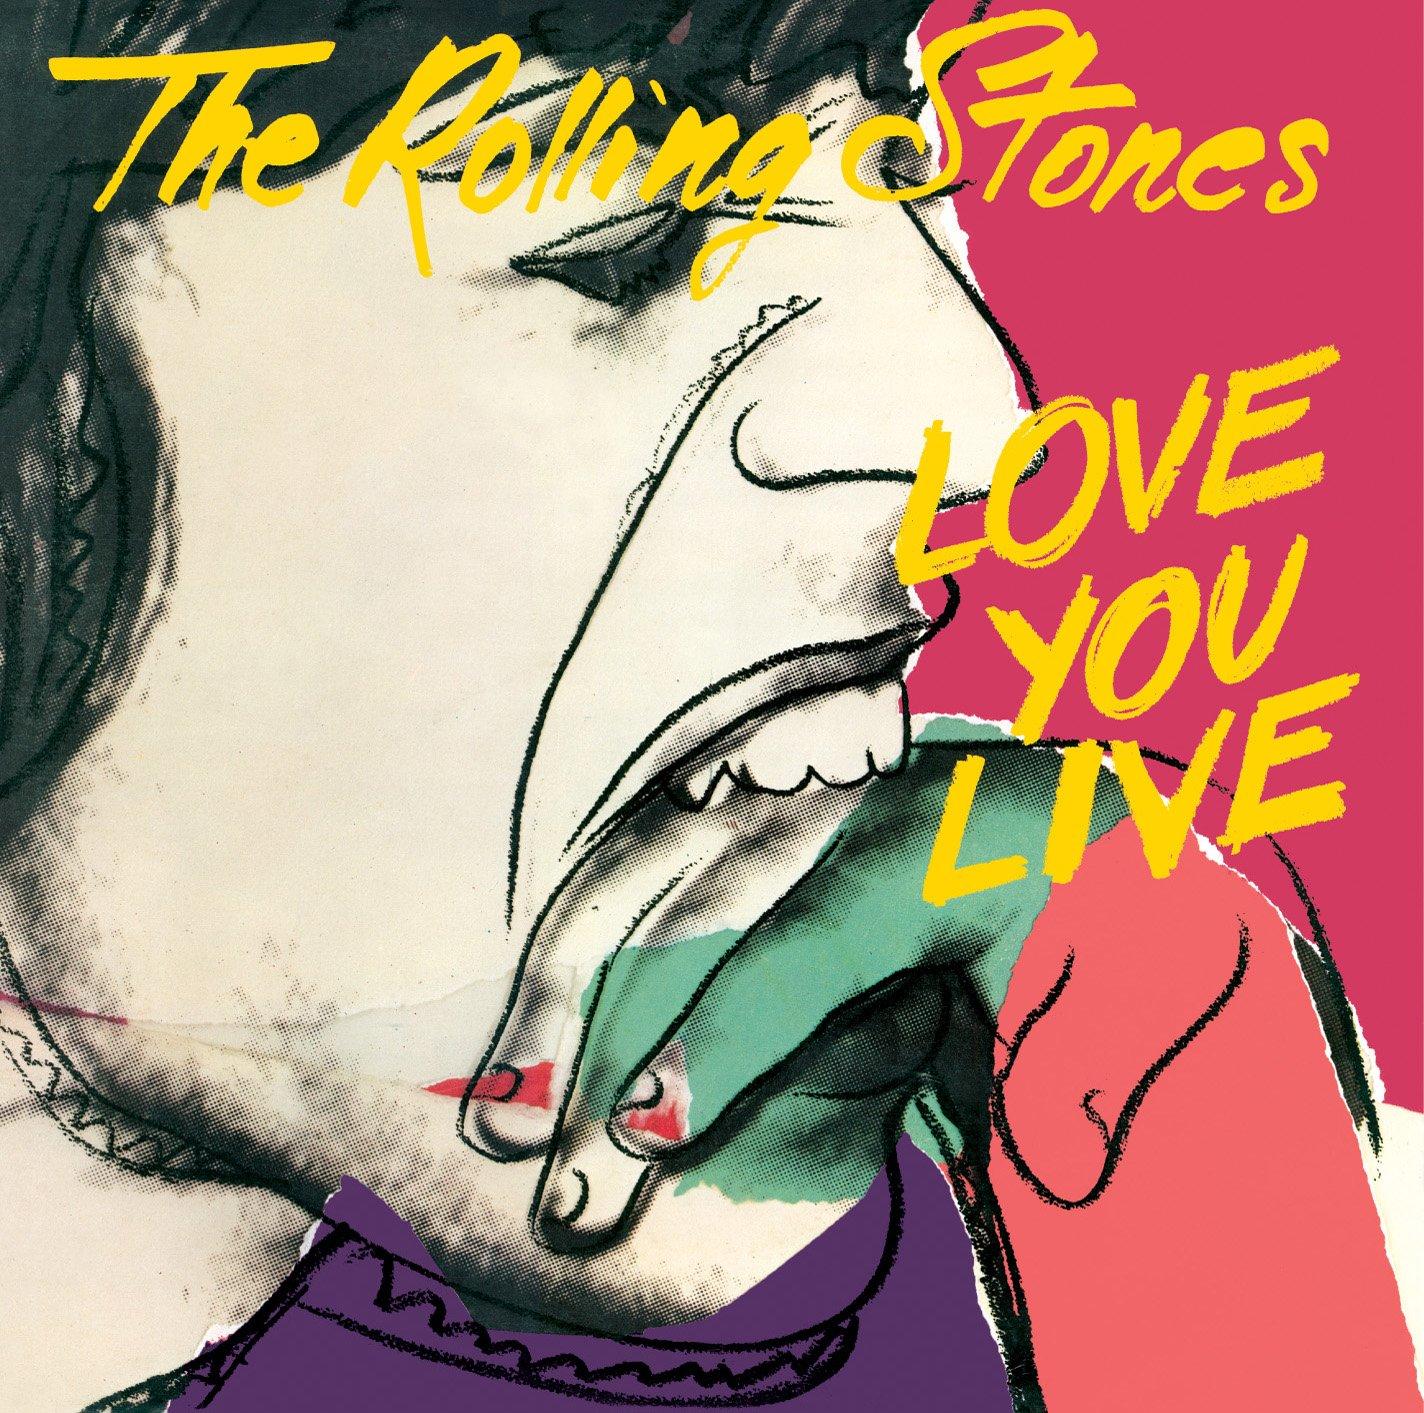 ローリング・ストーンズ/ラヴ・ユー・ライヴ(2CD)(2009年リマスター)